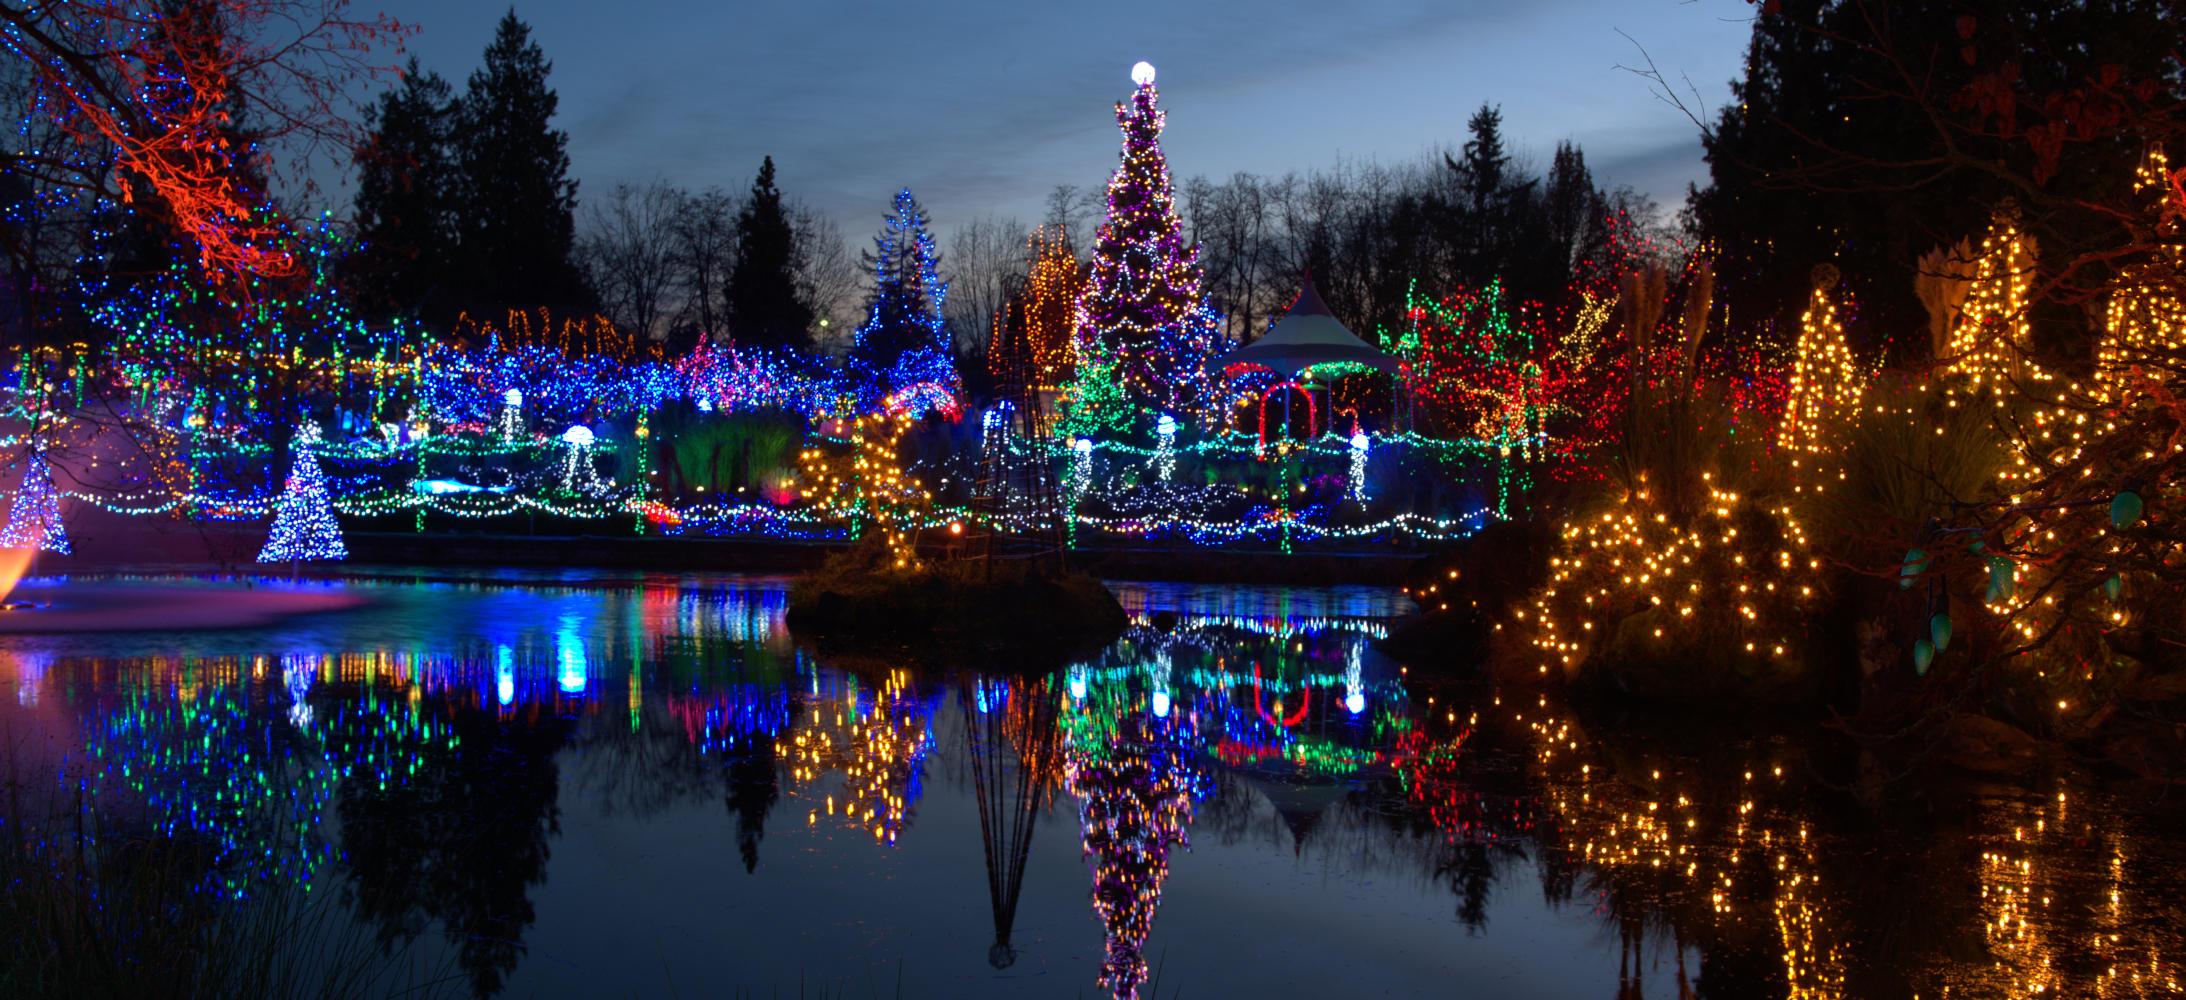 Sunnyslope Wa Christmas Lights 2021